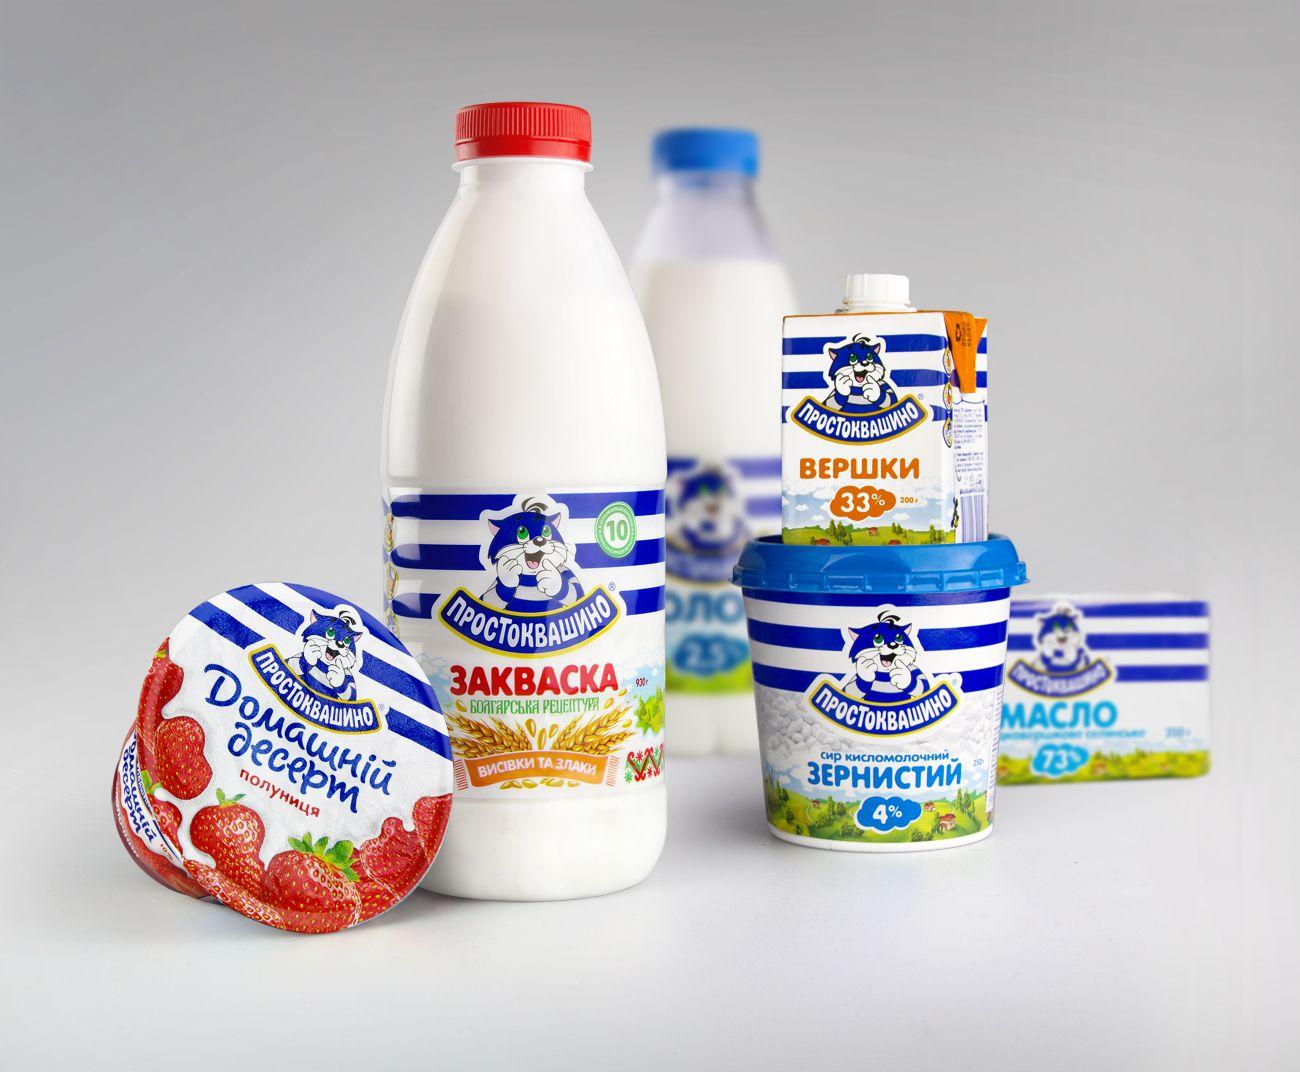 молочные продукты фирмы картинки основе